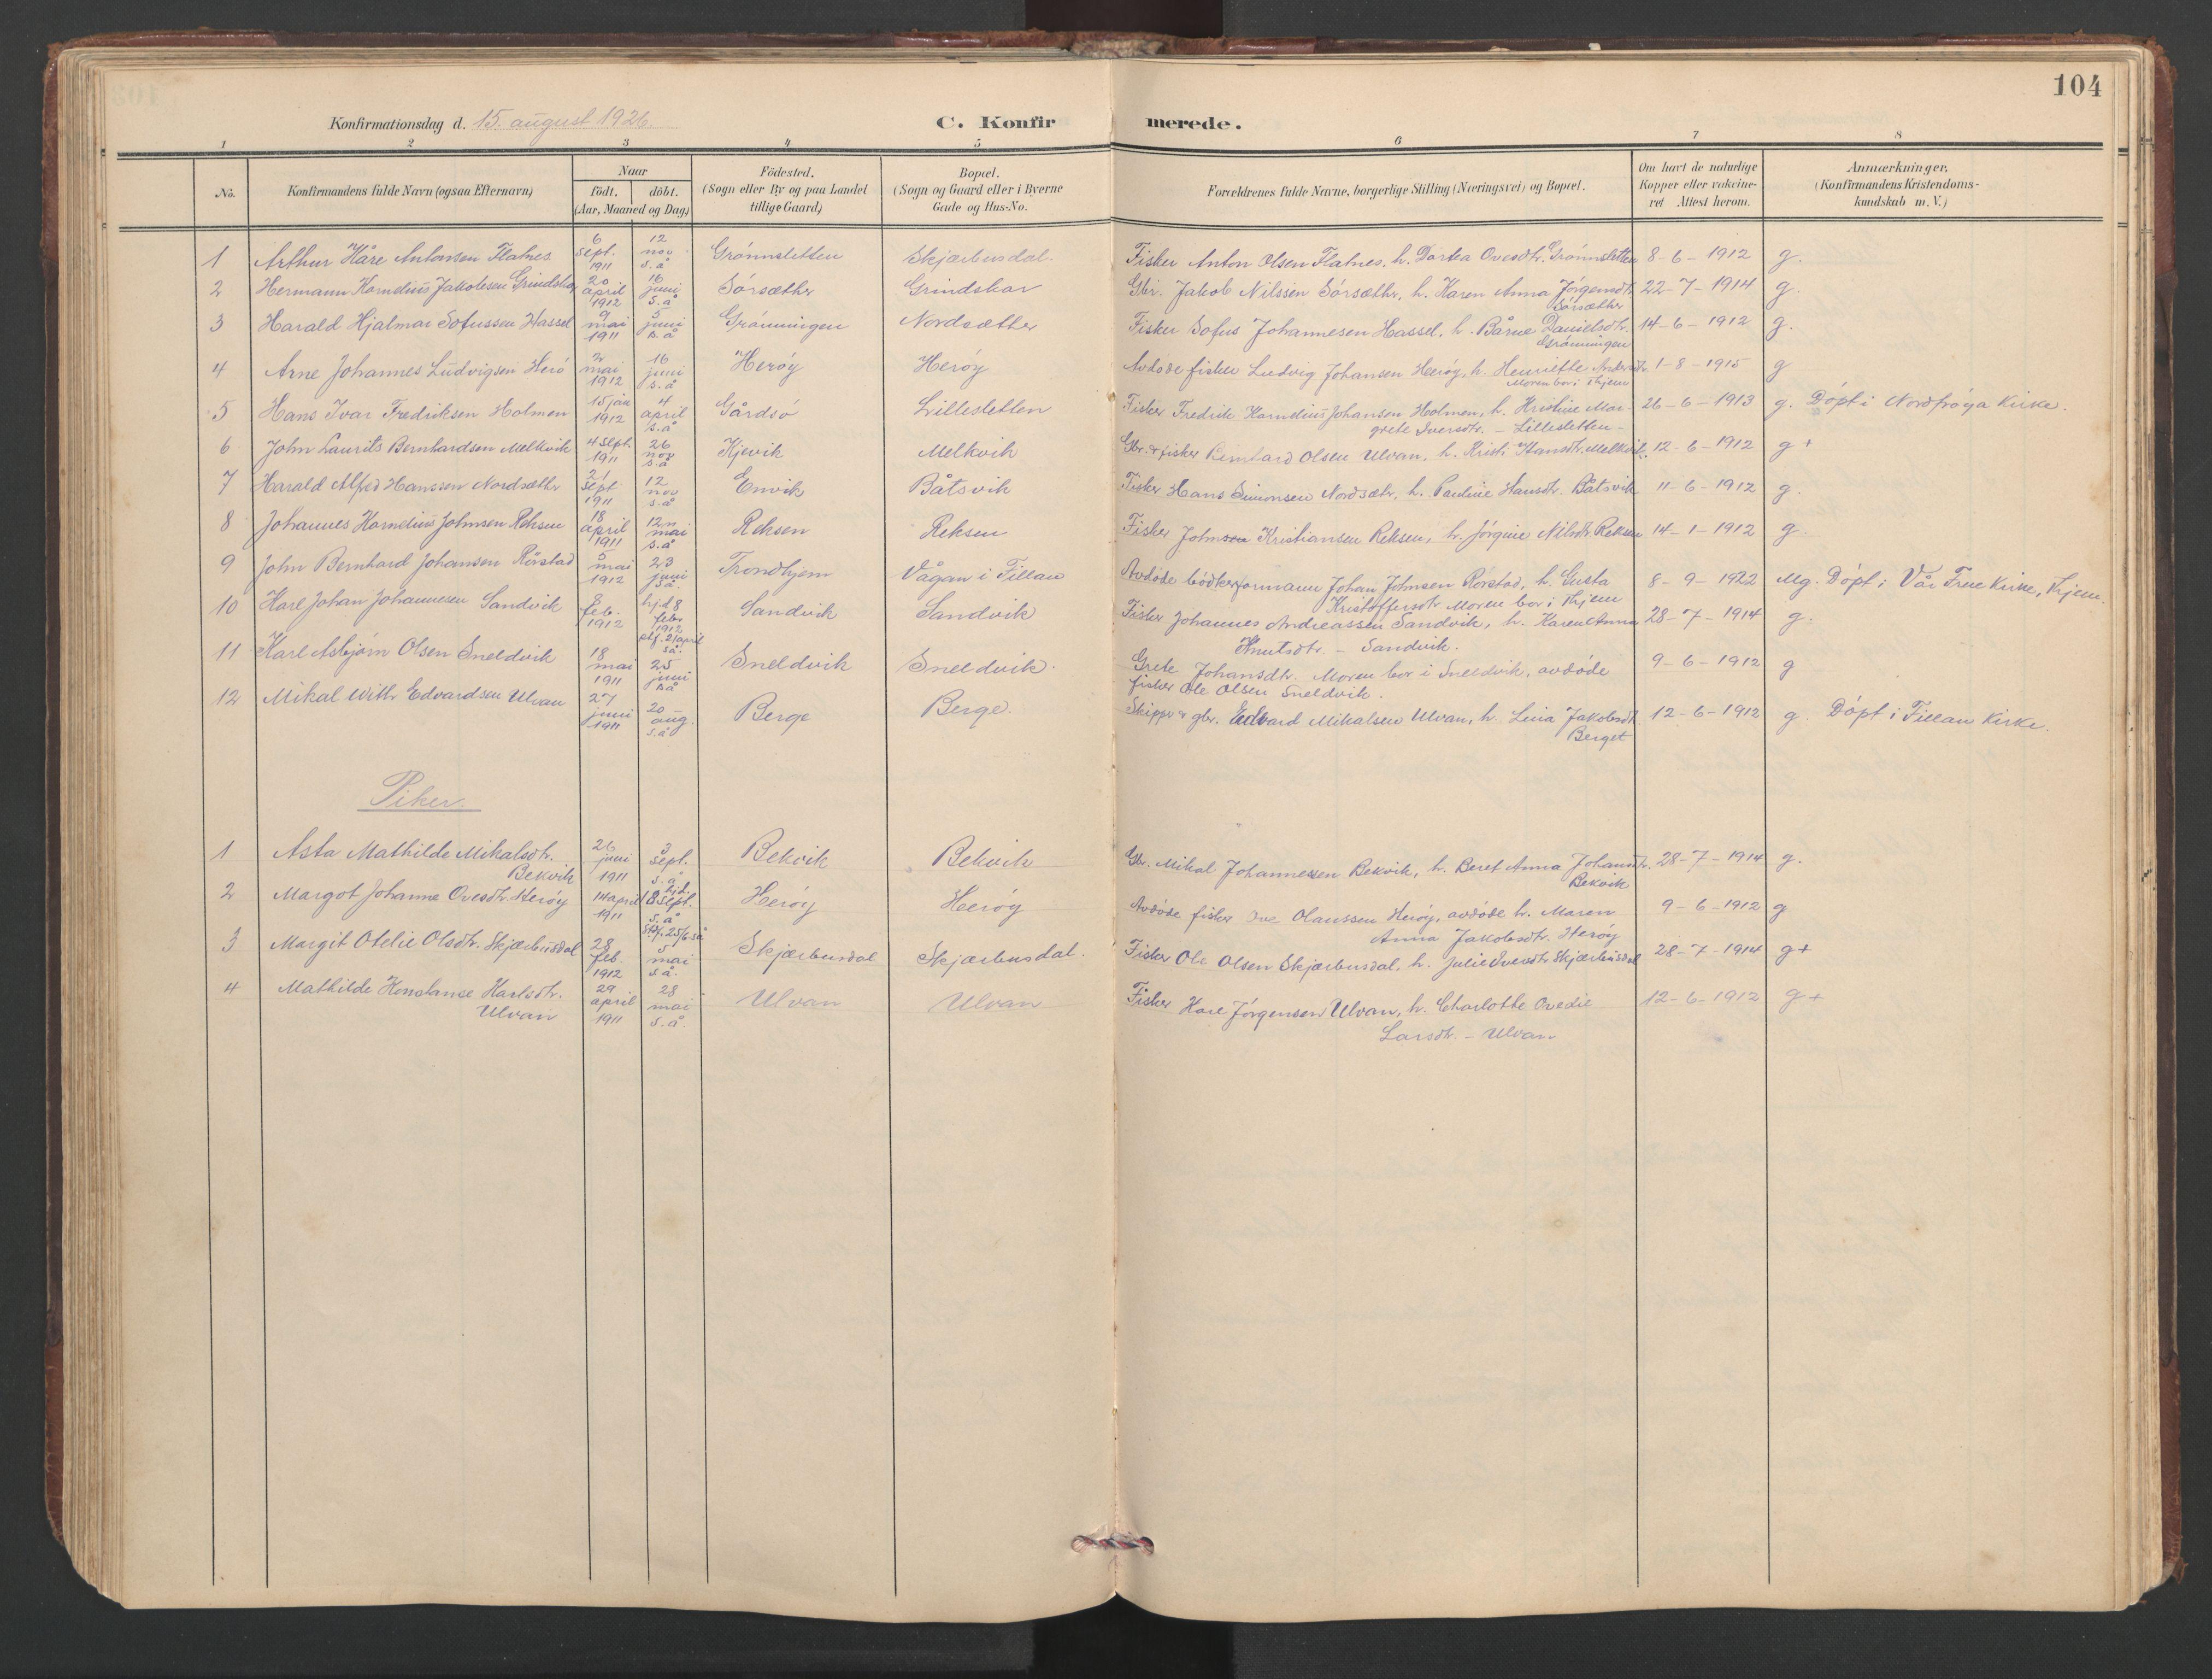 SAT, Ministerialprotokoller, klokkerbøker og fødselsregistre - Sør-Trøndelag, 638/L0571: Klokkerbok nr. 638C03, 1901-1930, s. 104